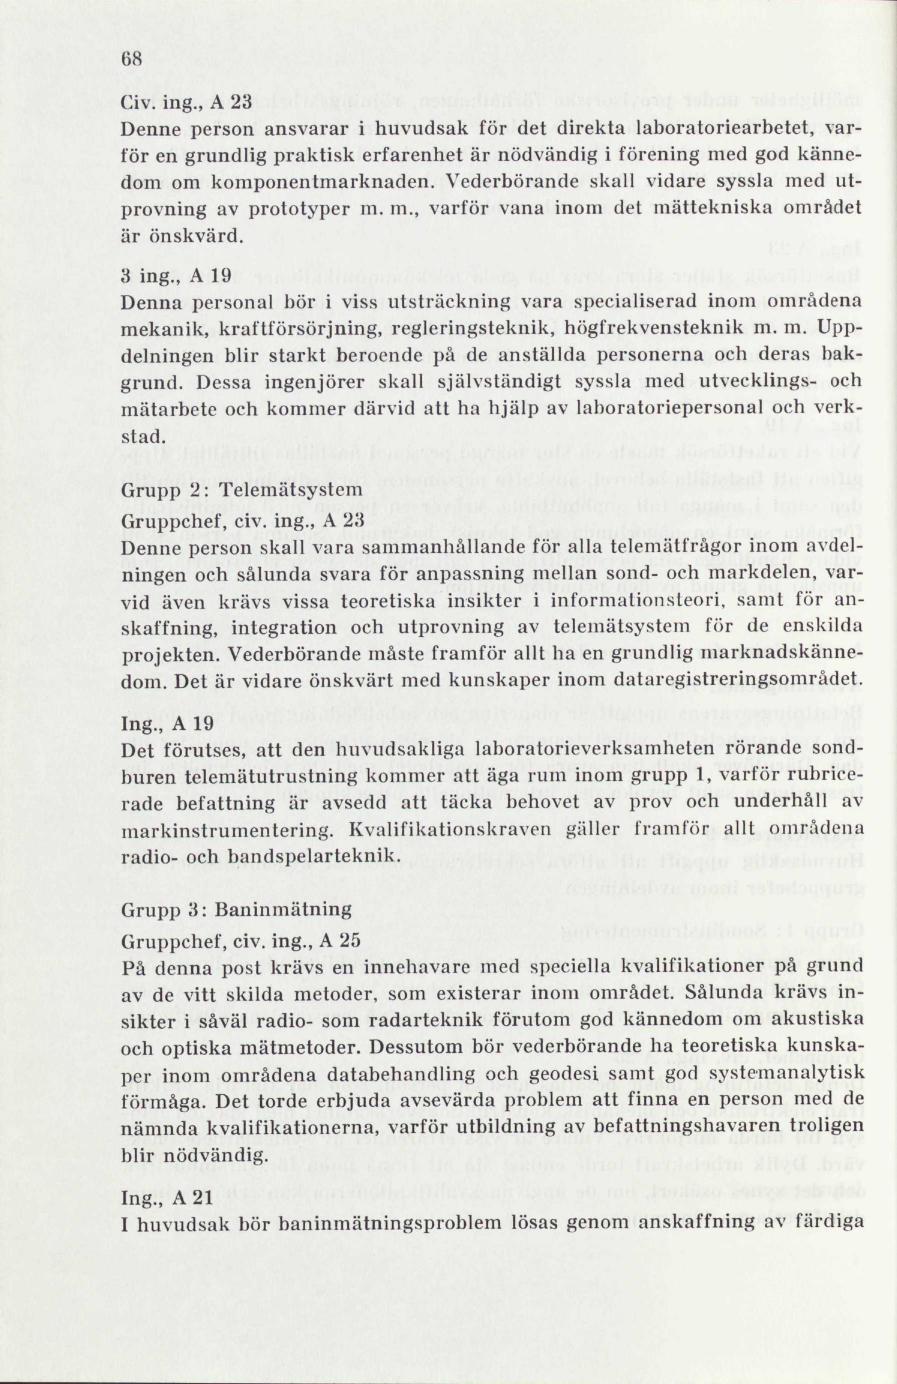 c62ecaf1 Organisatoriska åtgärder för rymdverksamhetens främjande   lagen.nu